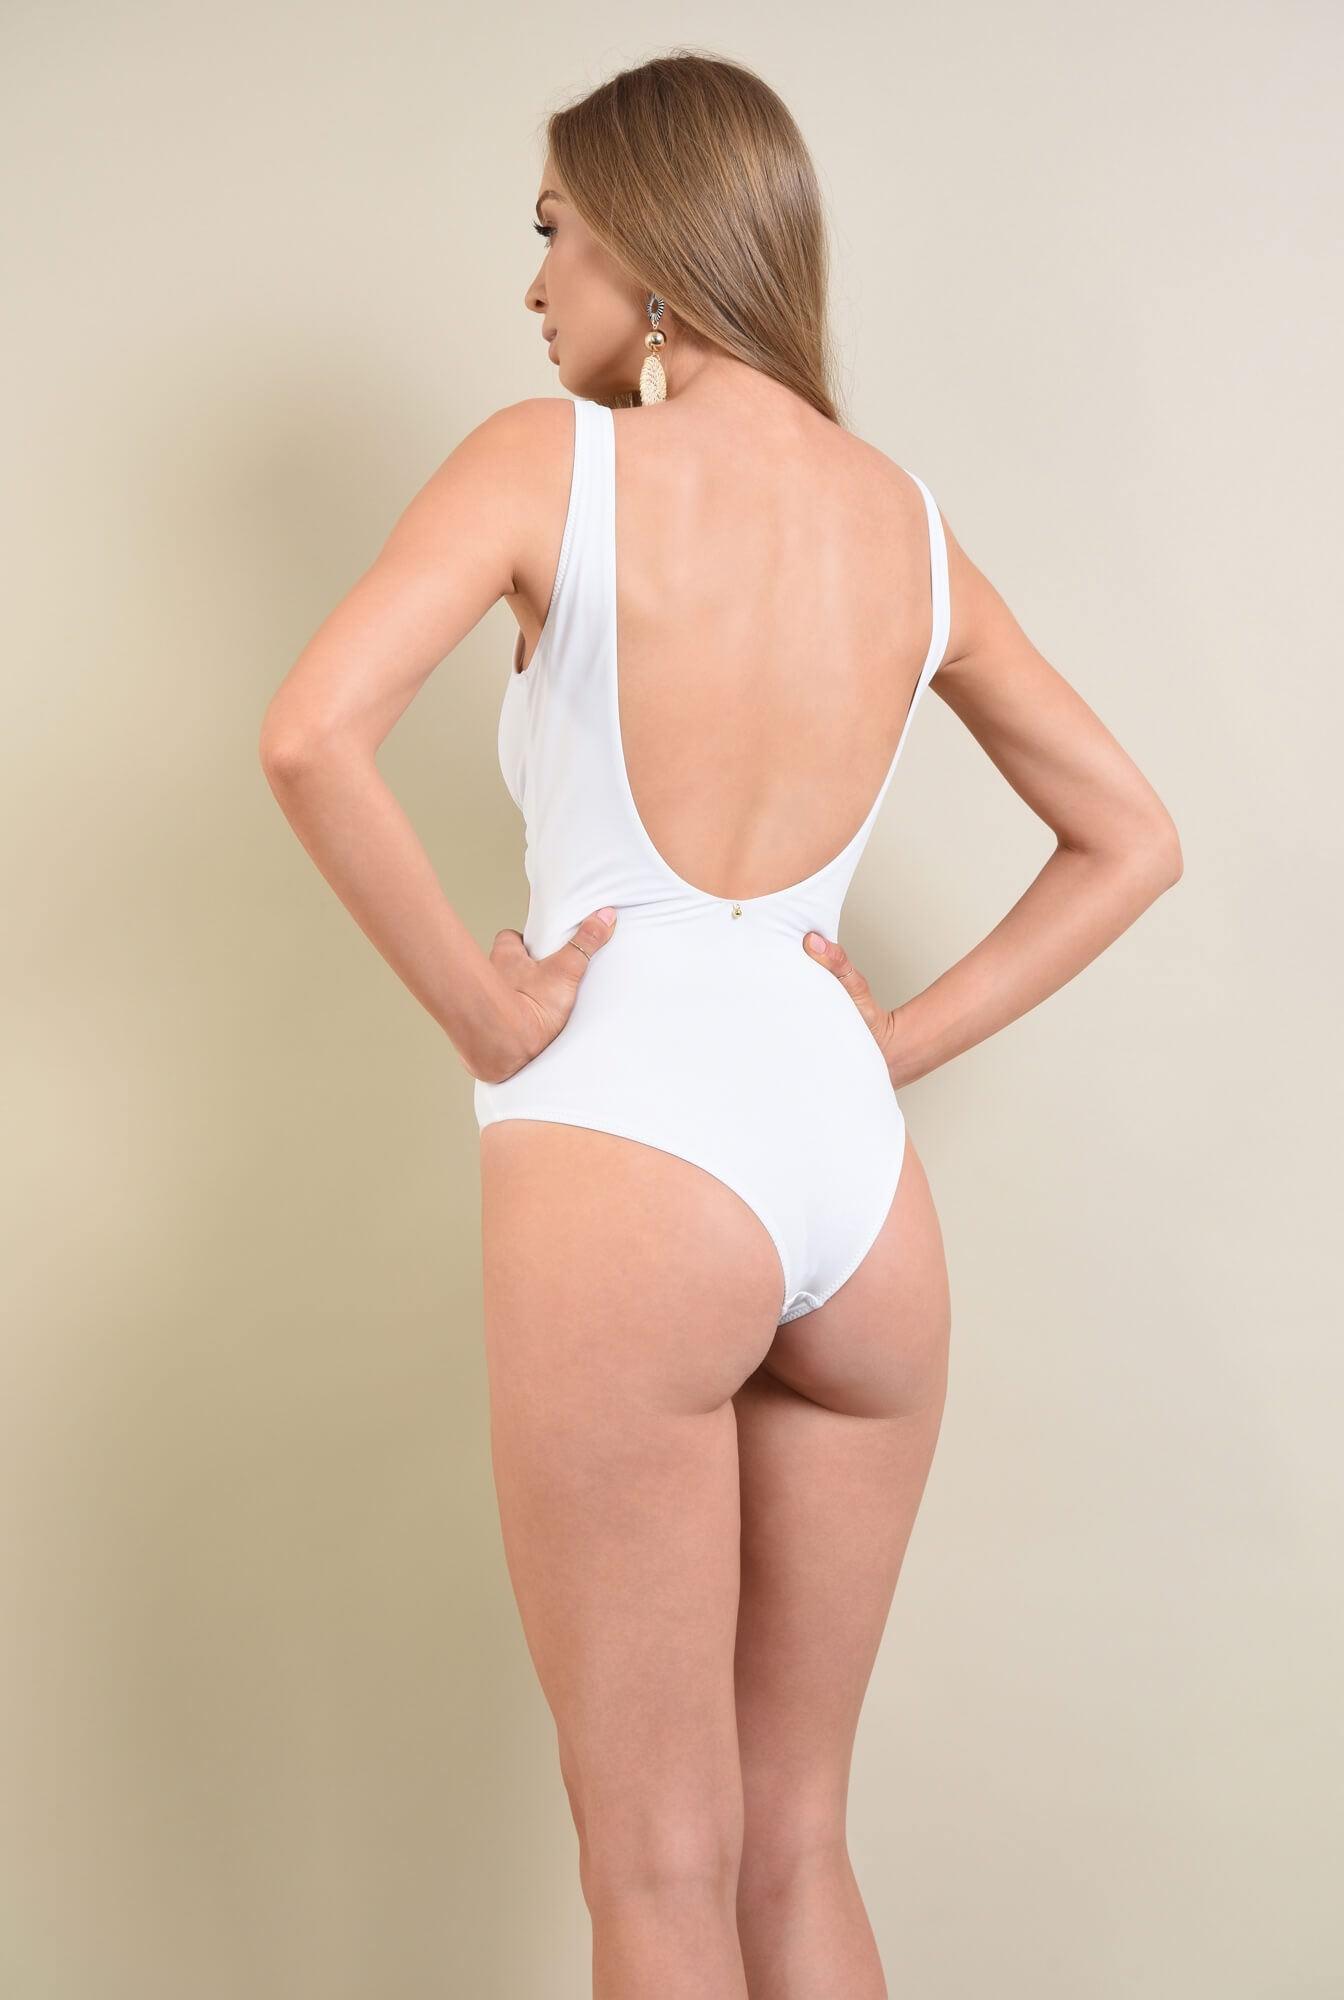 3 - costum de baie alb, pliuri, fronsat, accesoriu metalic auriu